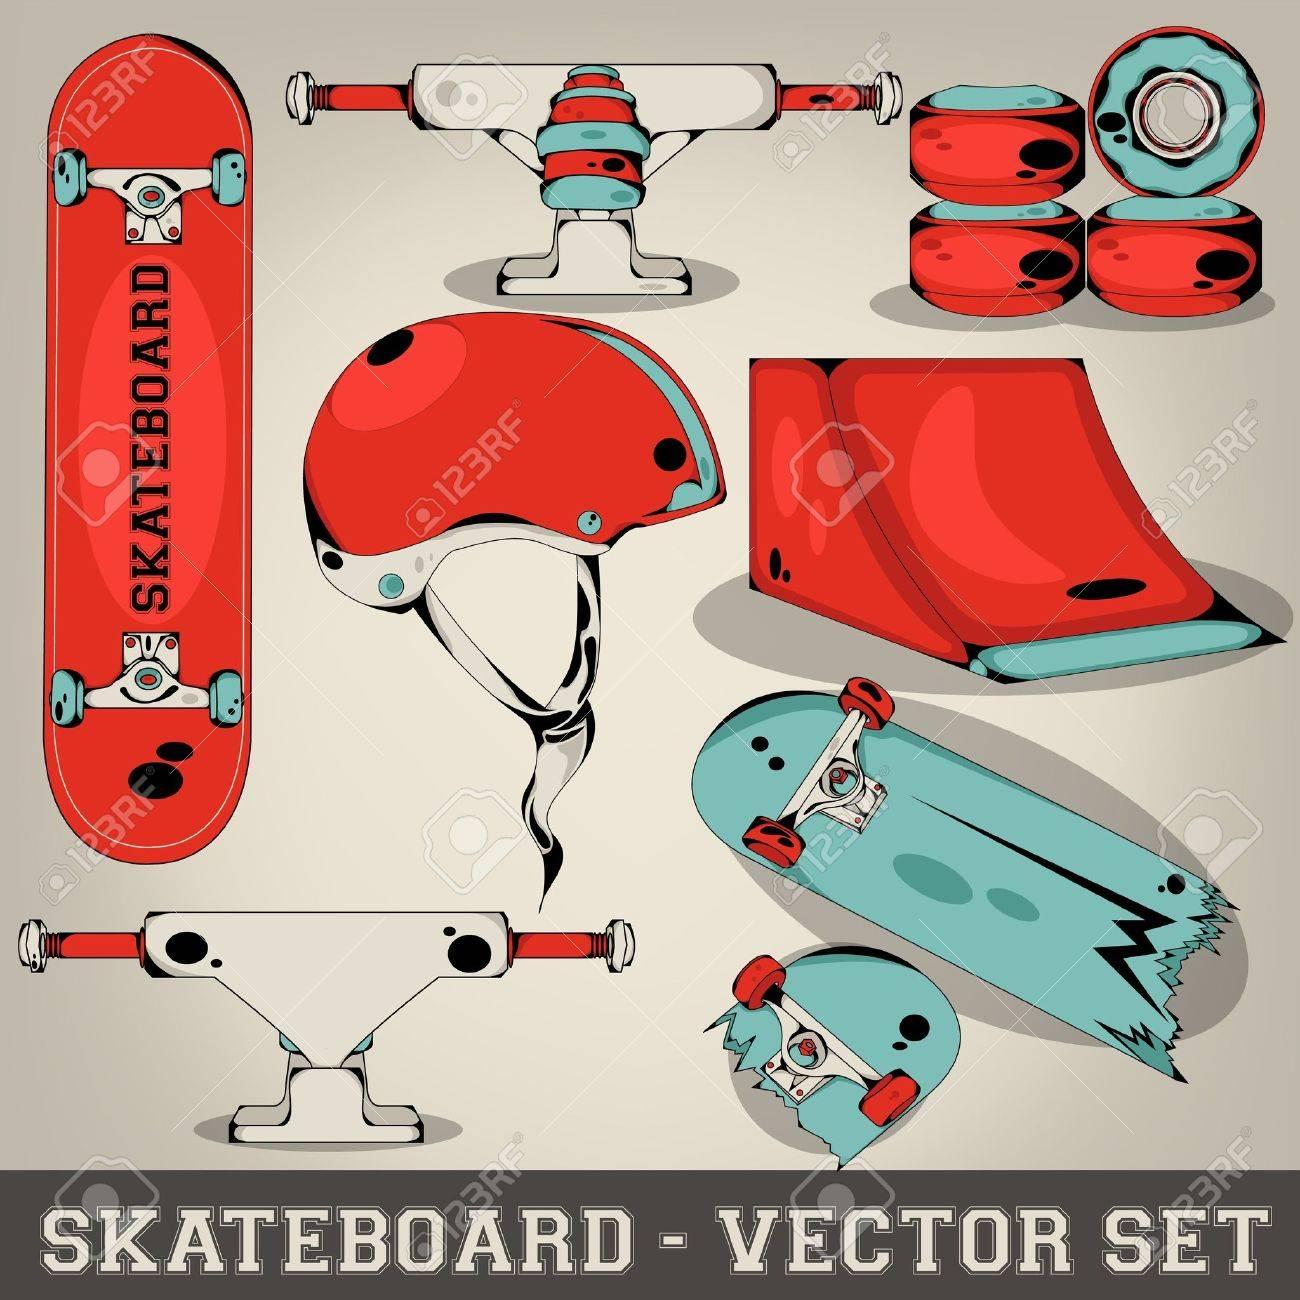 Skateboard Vector Set Stock Vector - 19397612